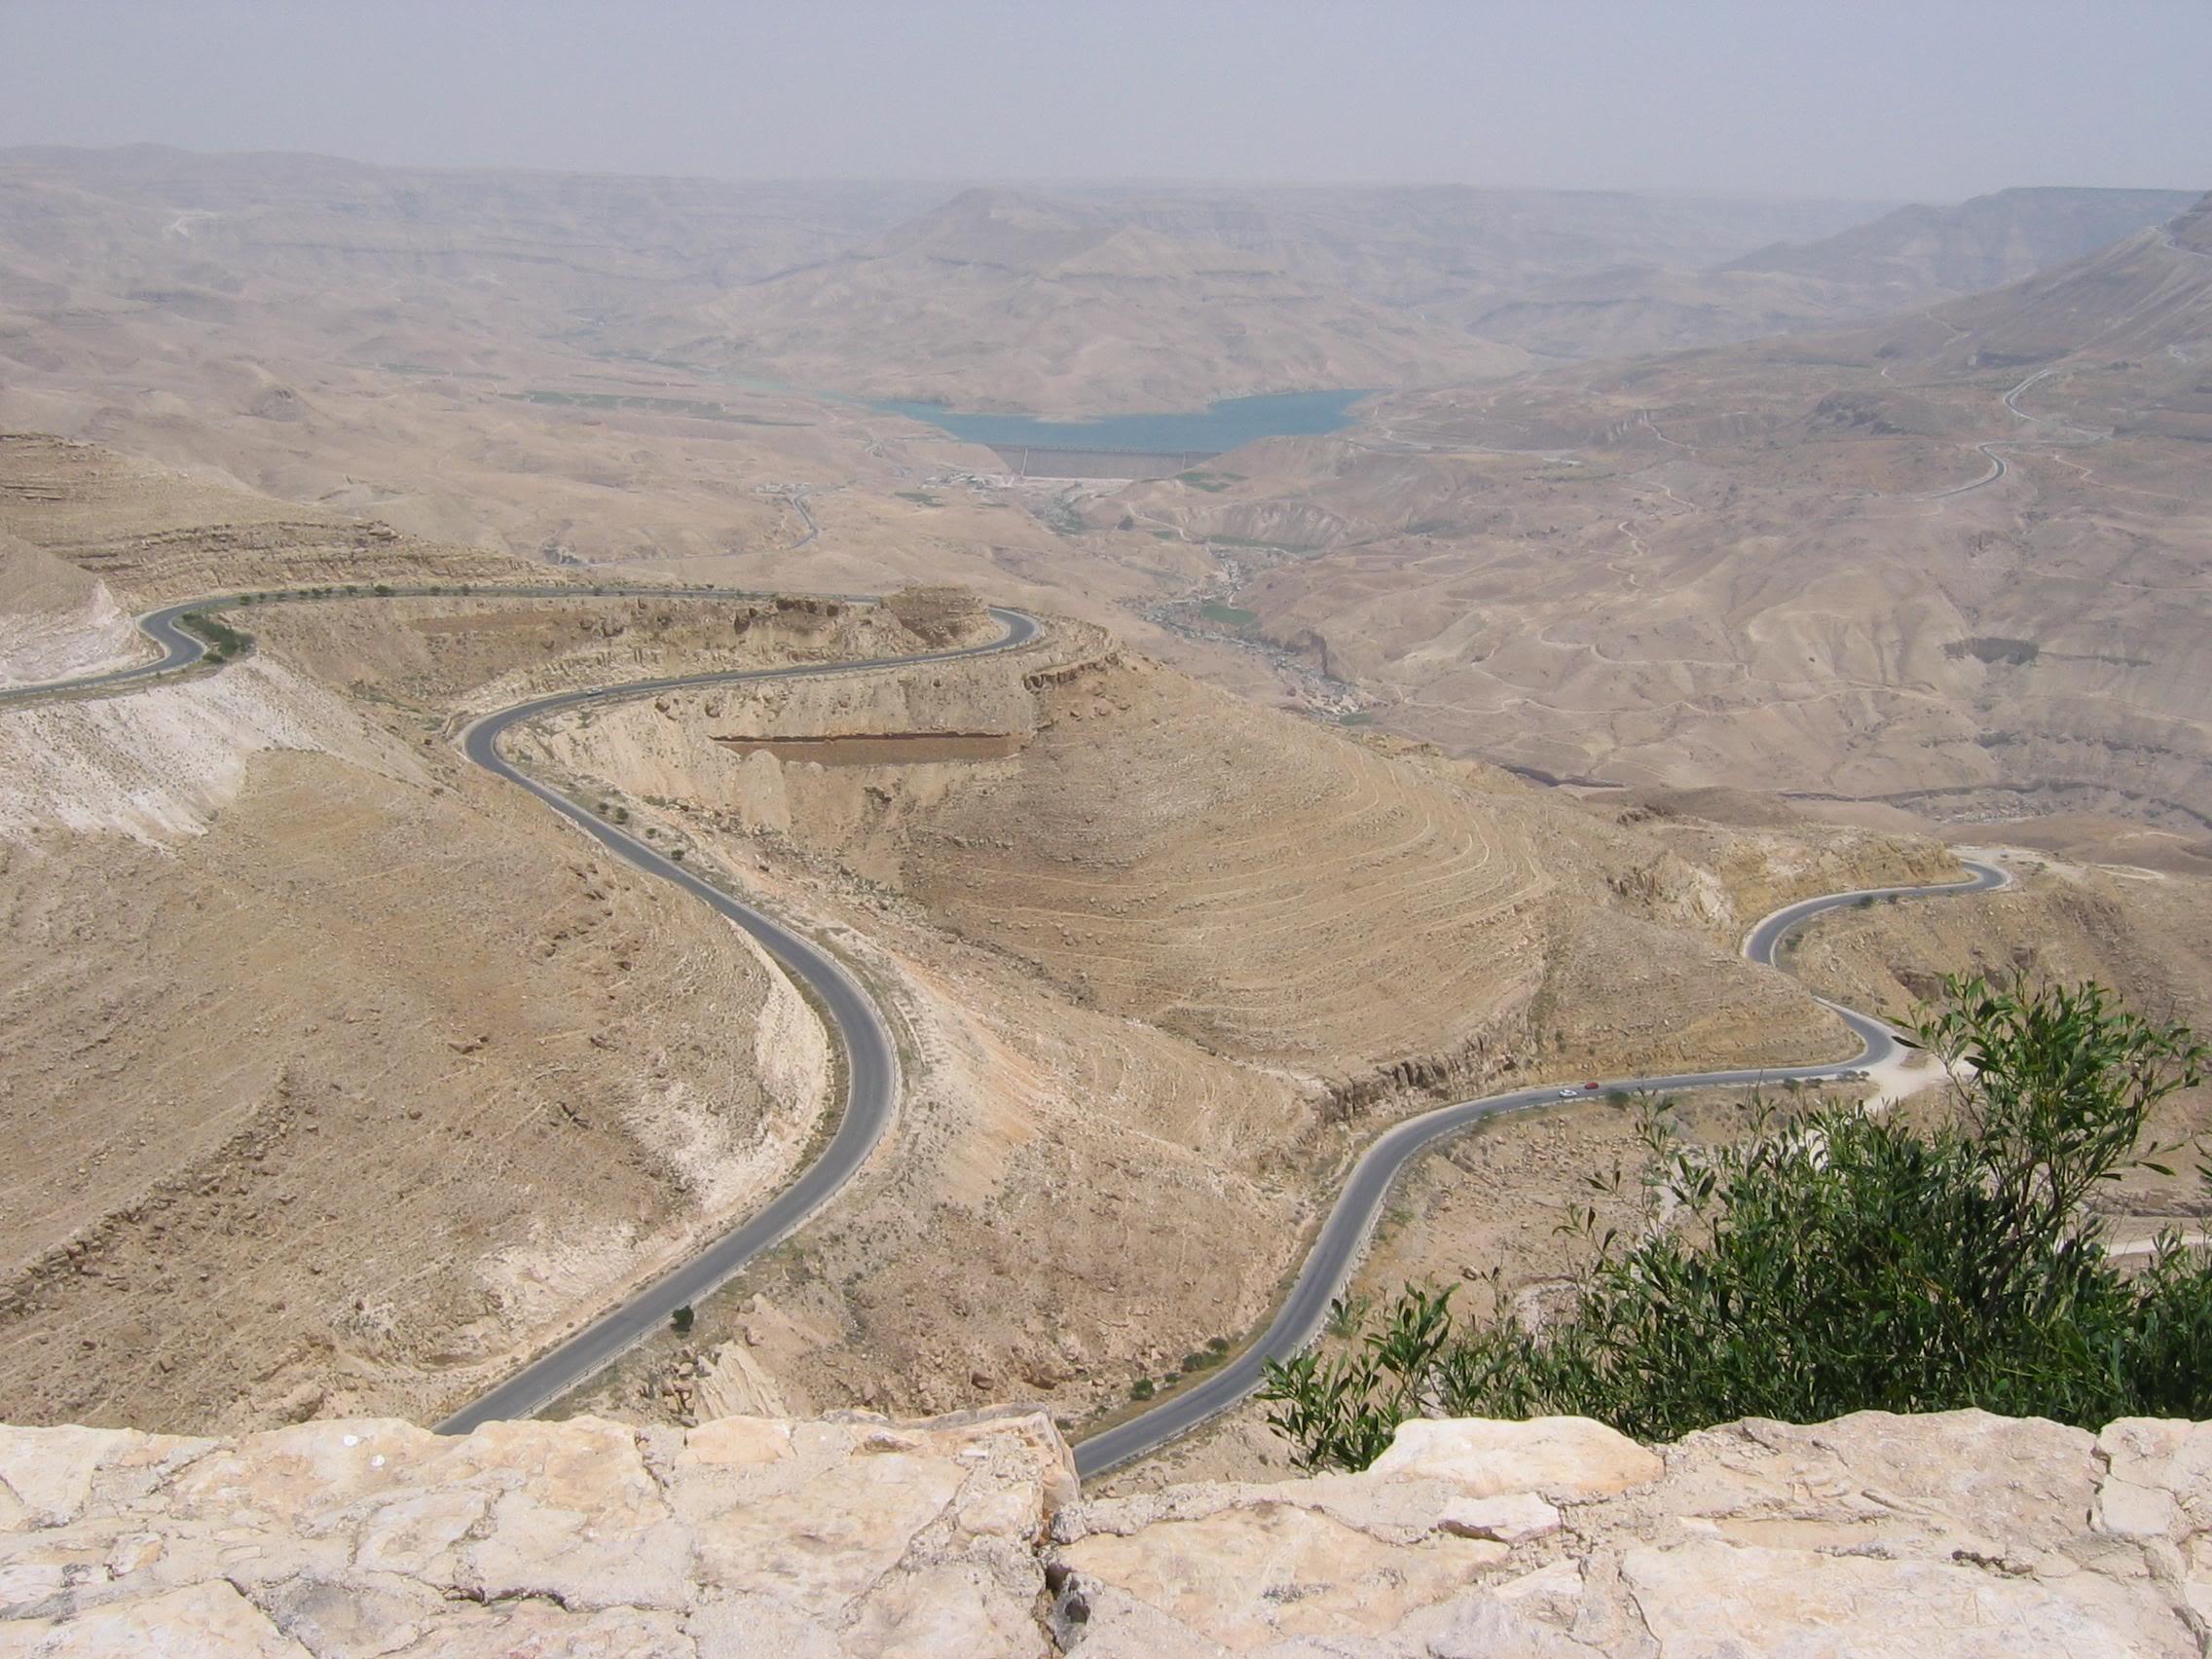 Autopista de Jordania